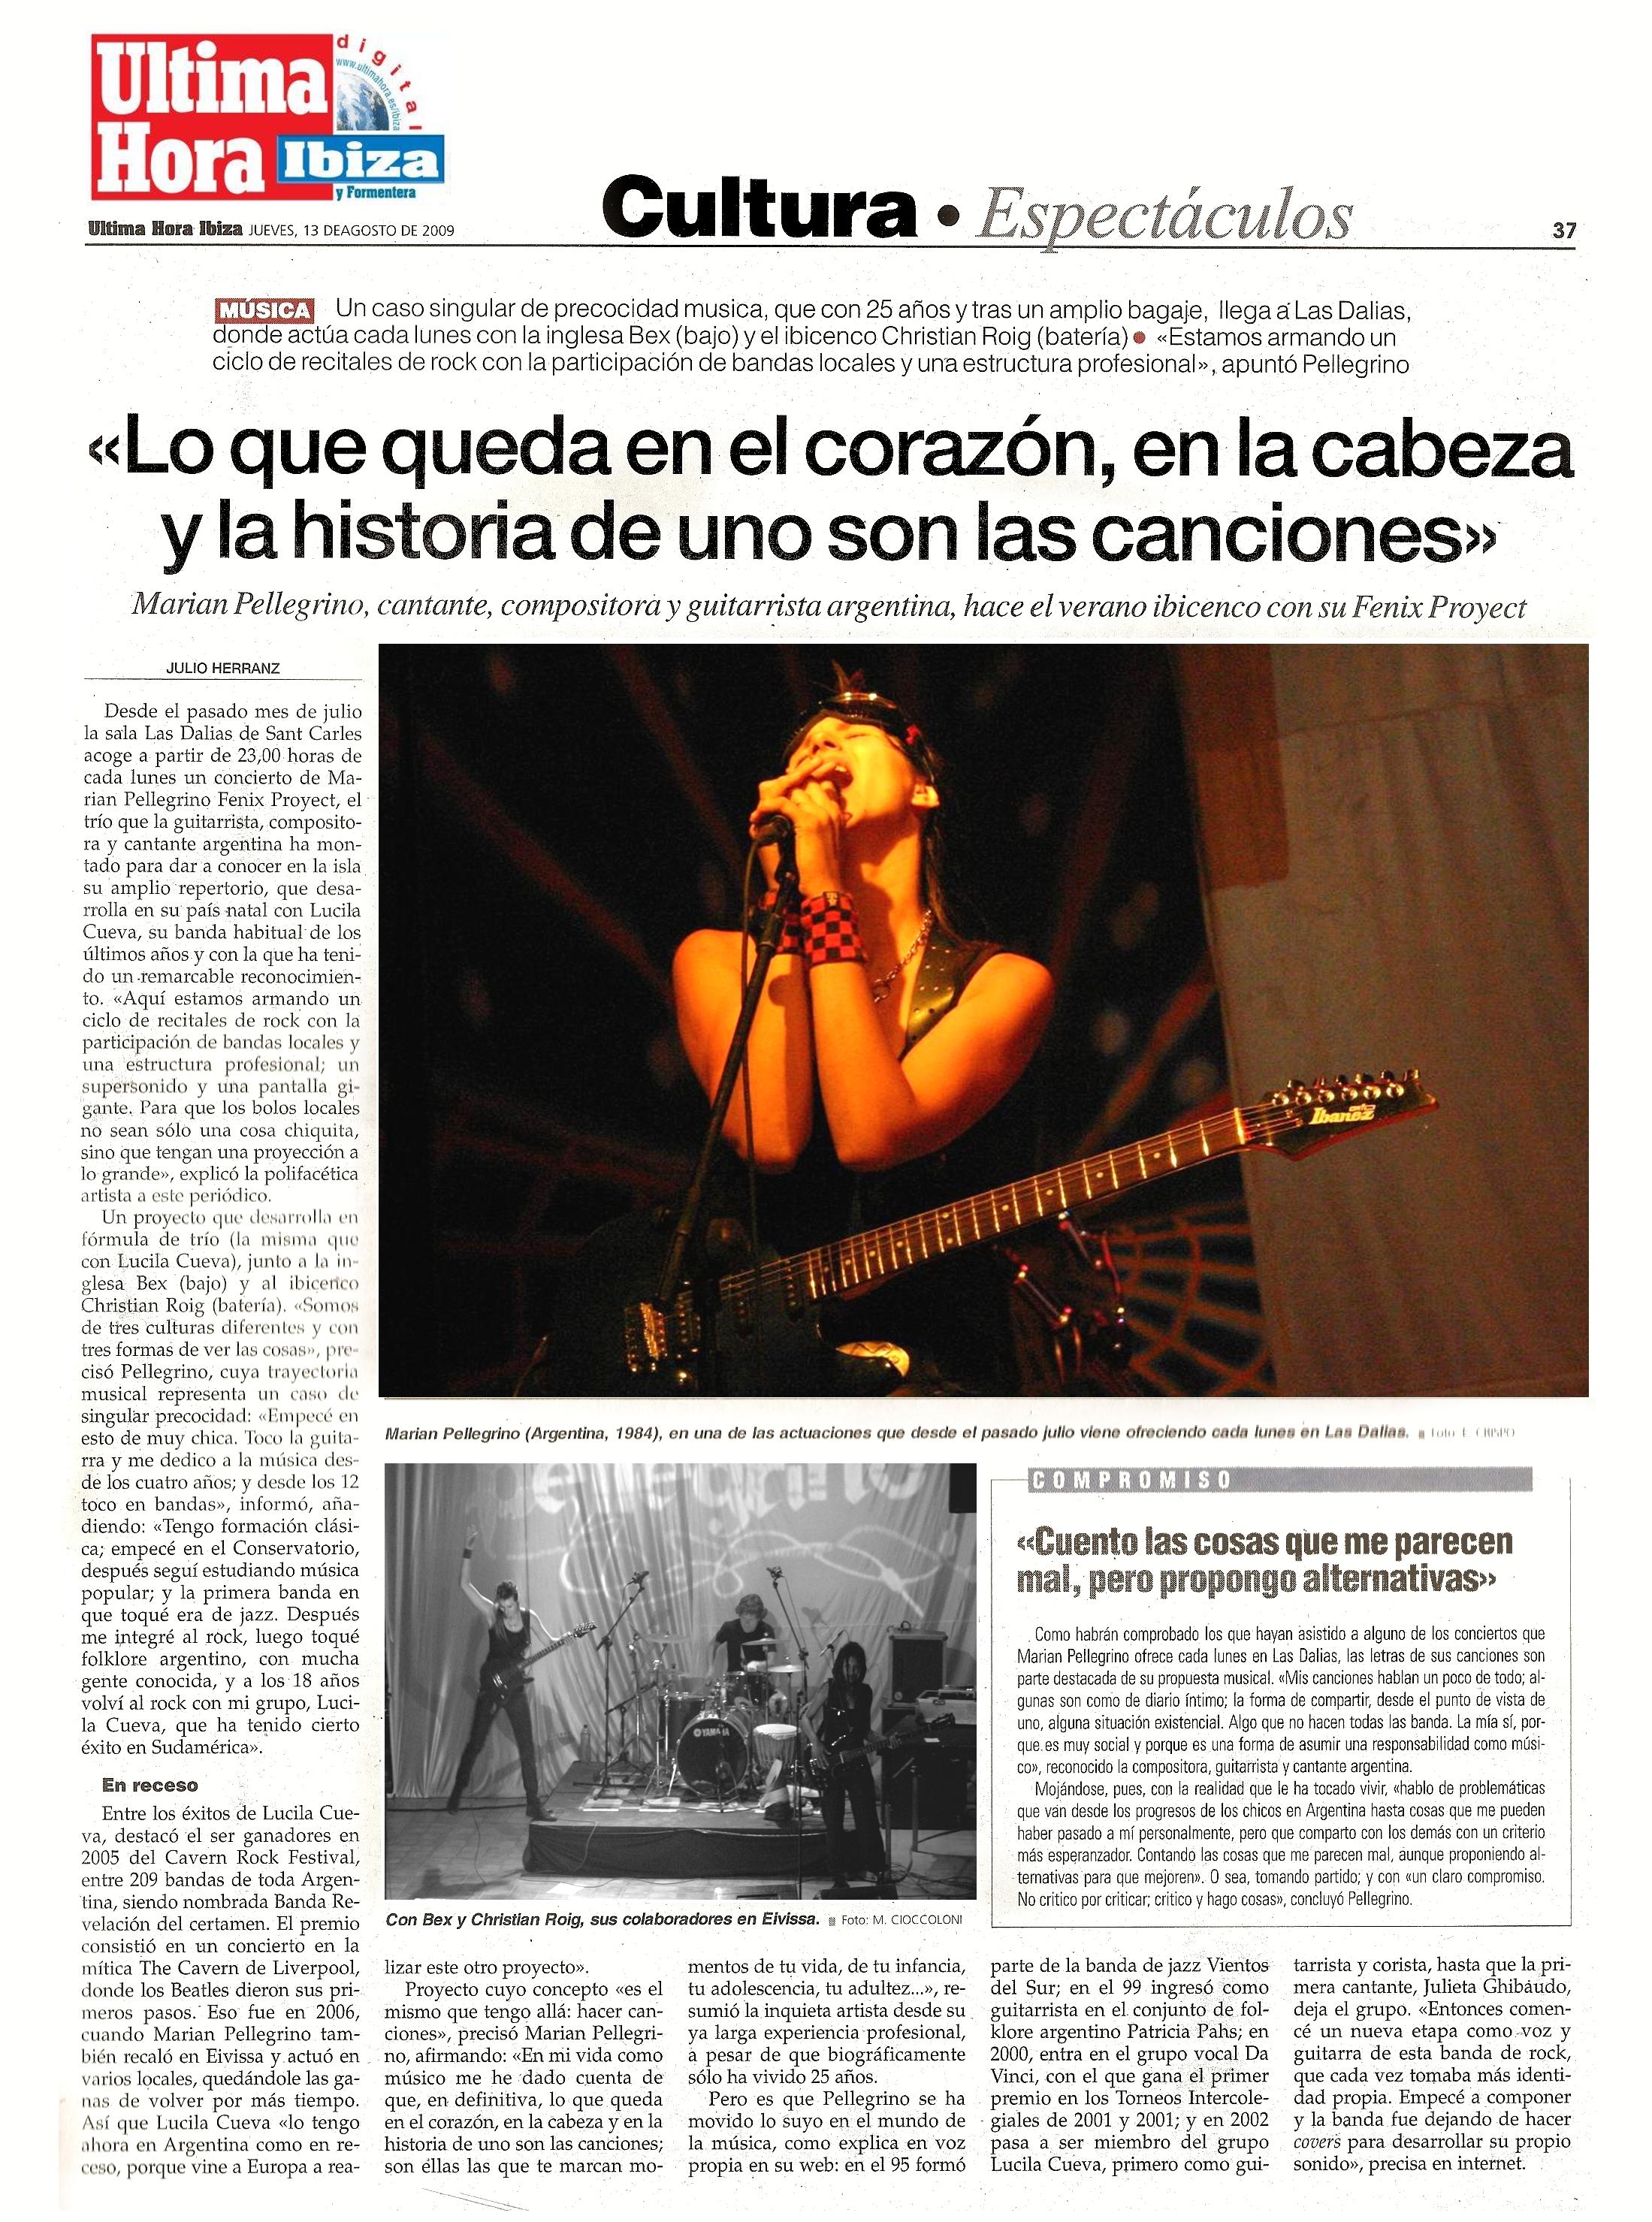 2009 08 - Diario Ultima hora Ibiza